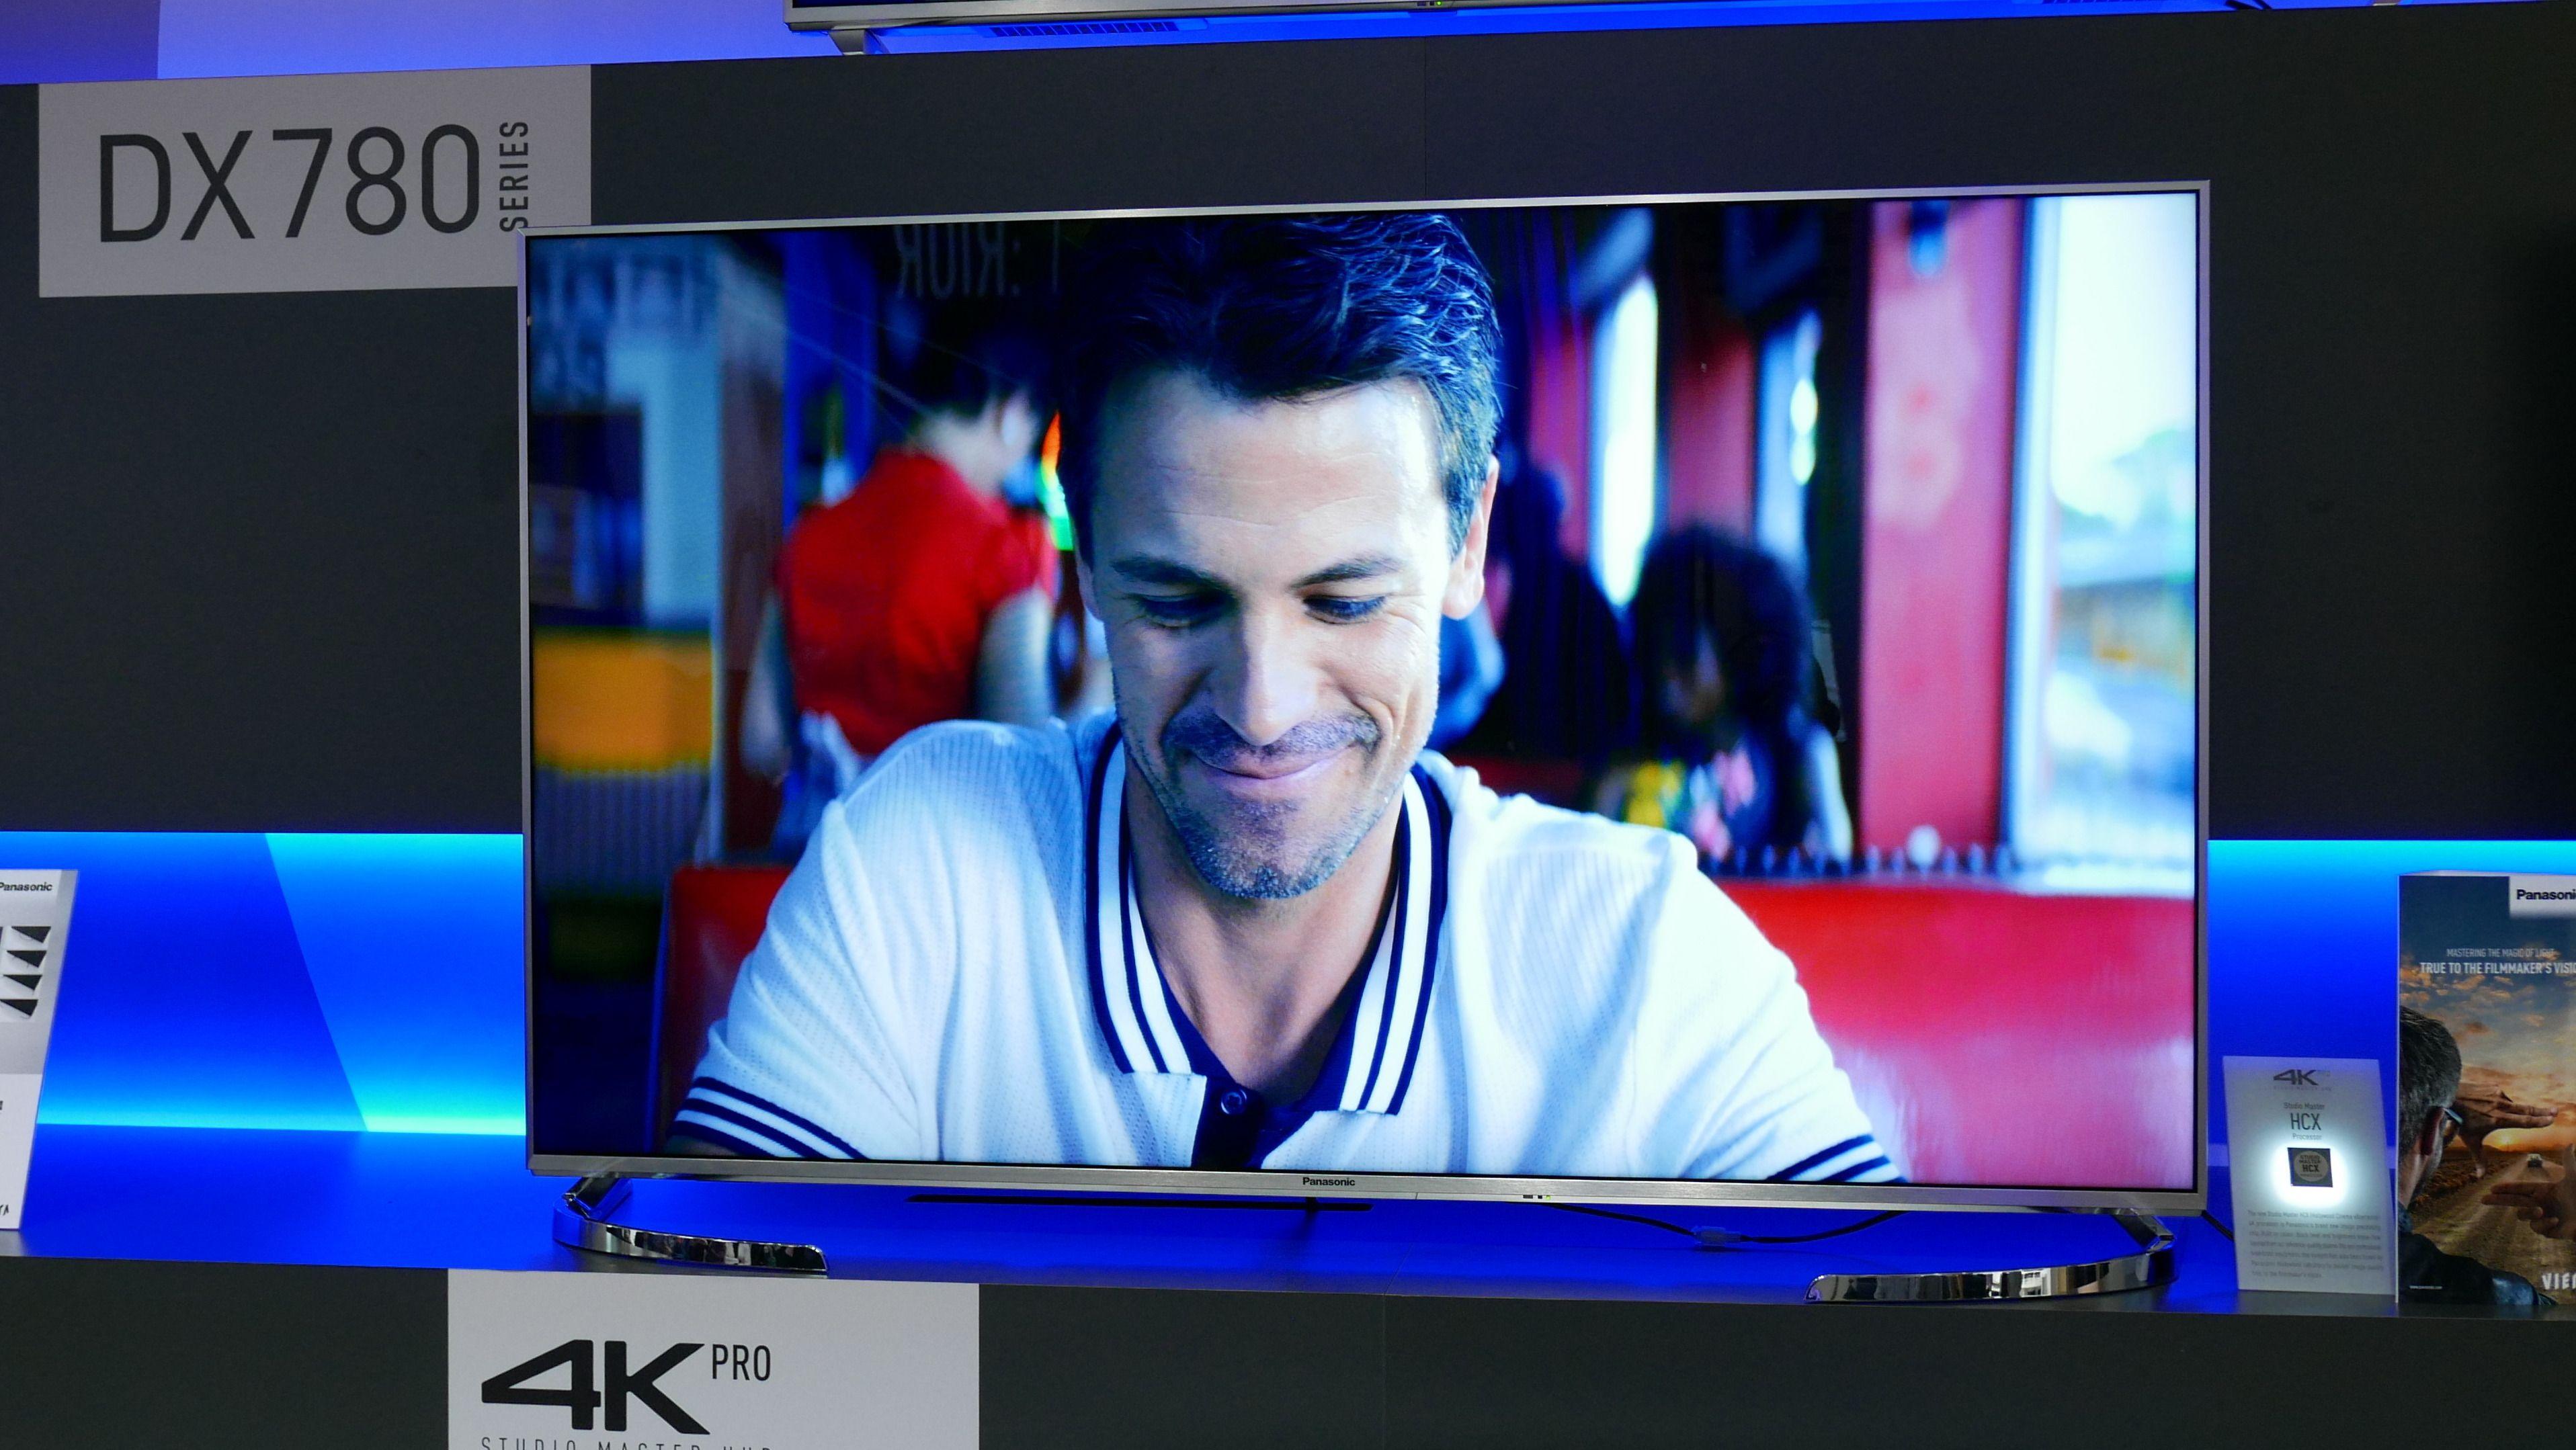 DX780 er en stilren og flott TV å se på.